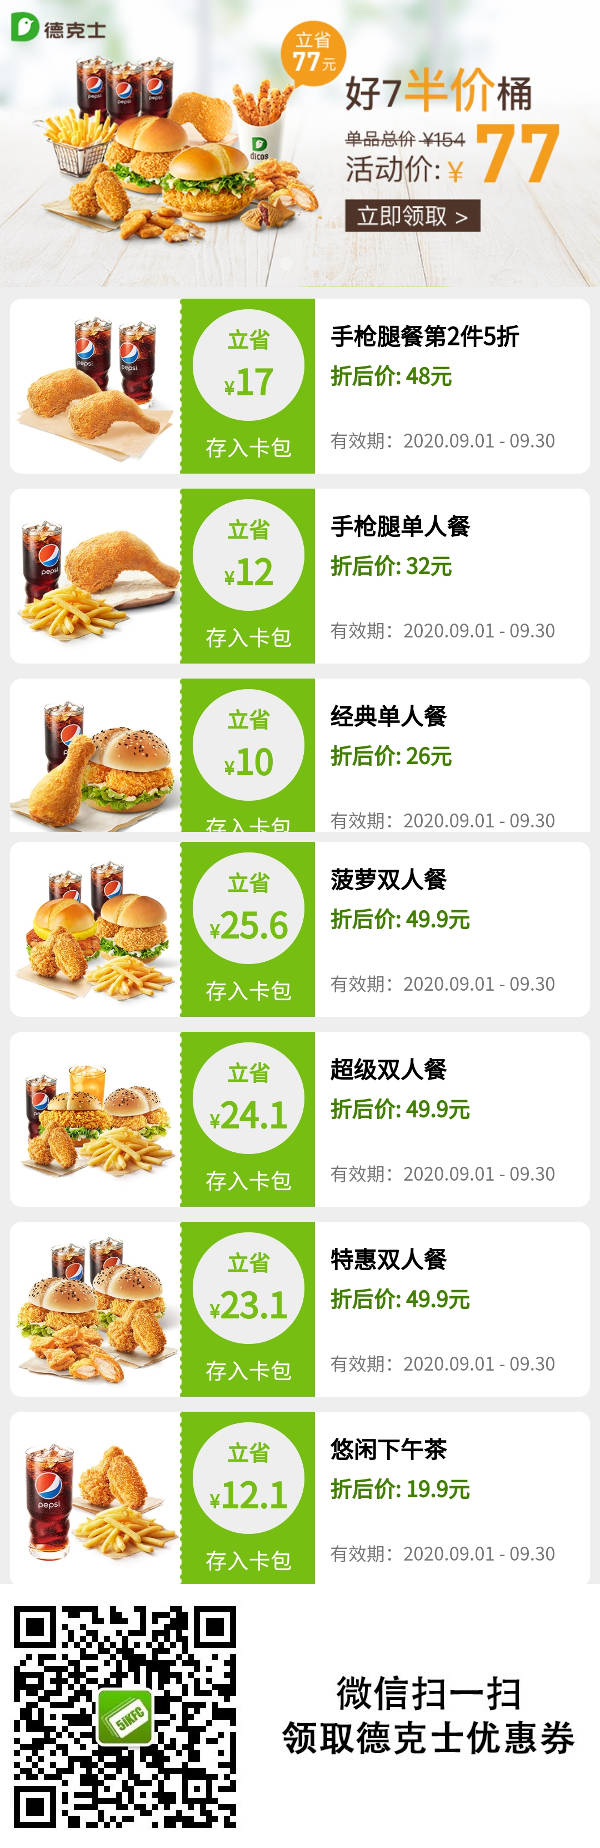 德克士2020年9月套餐优惠券领取,单人套餐26元起、双人餐49.9元起